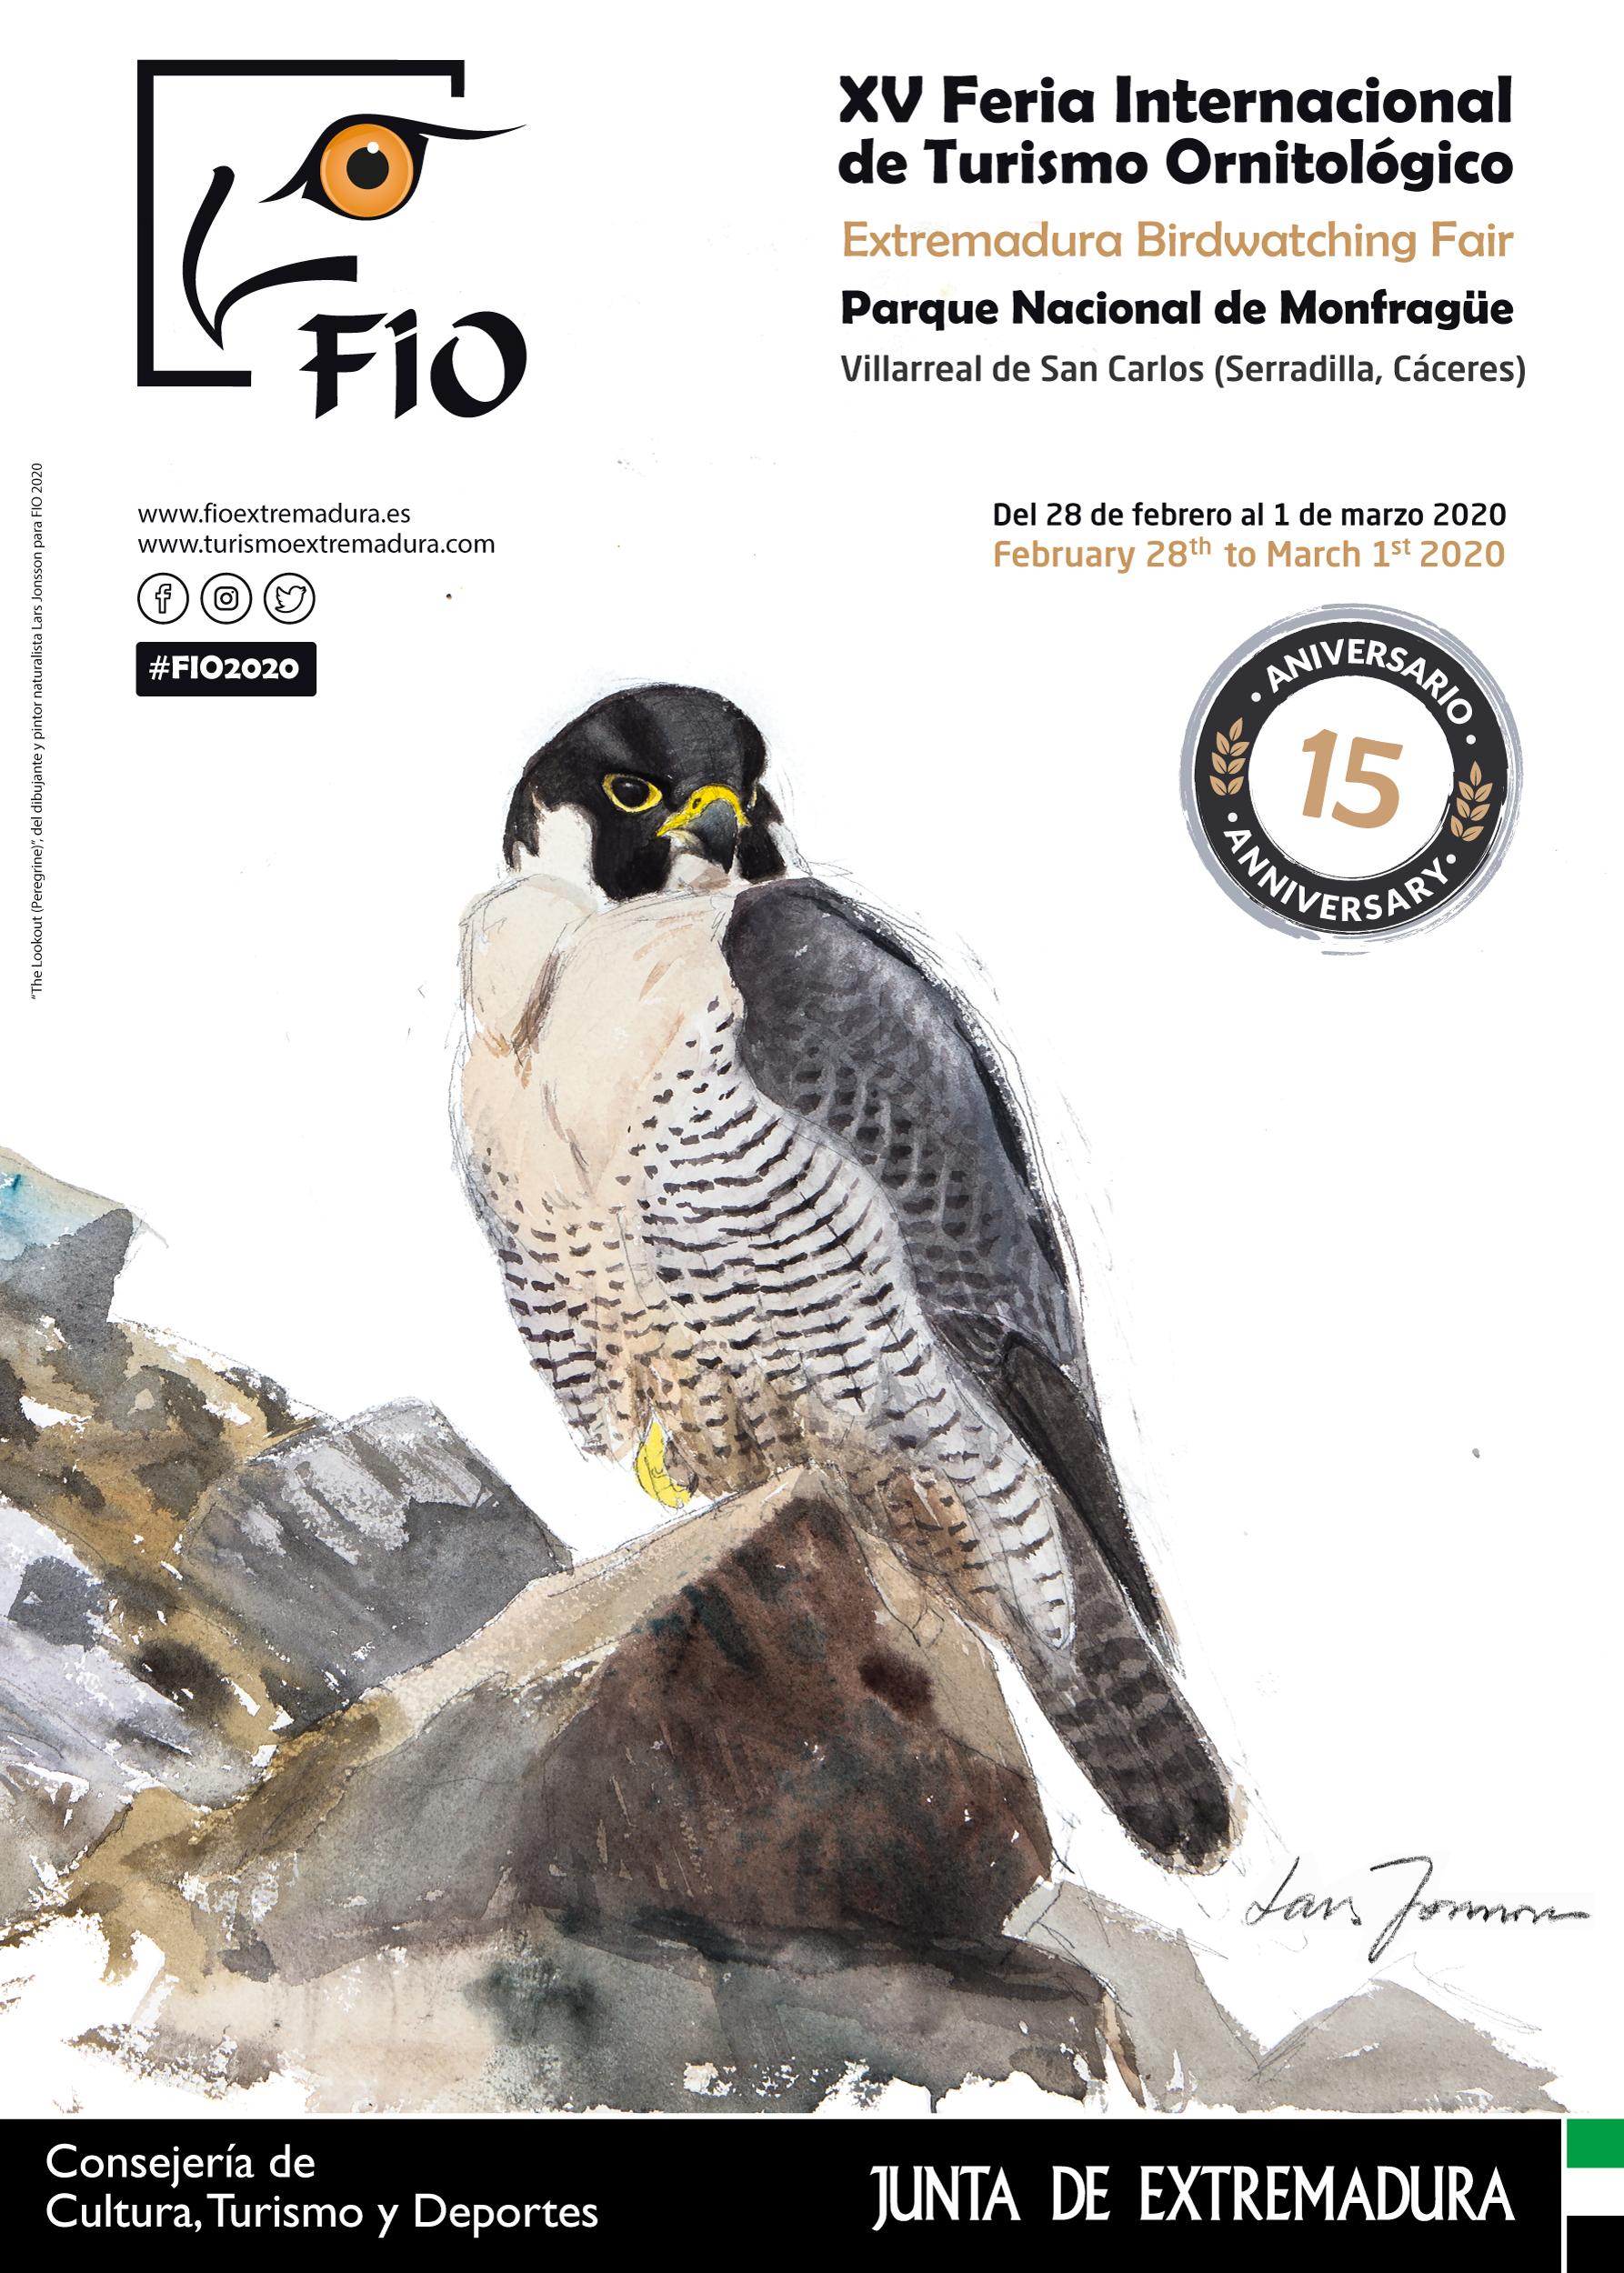 Apartamentos Rurales El Rincón del Jerte.Ornitología, naturaleza